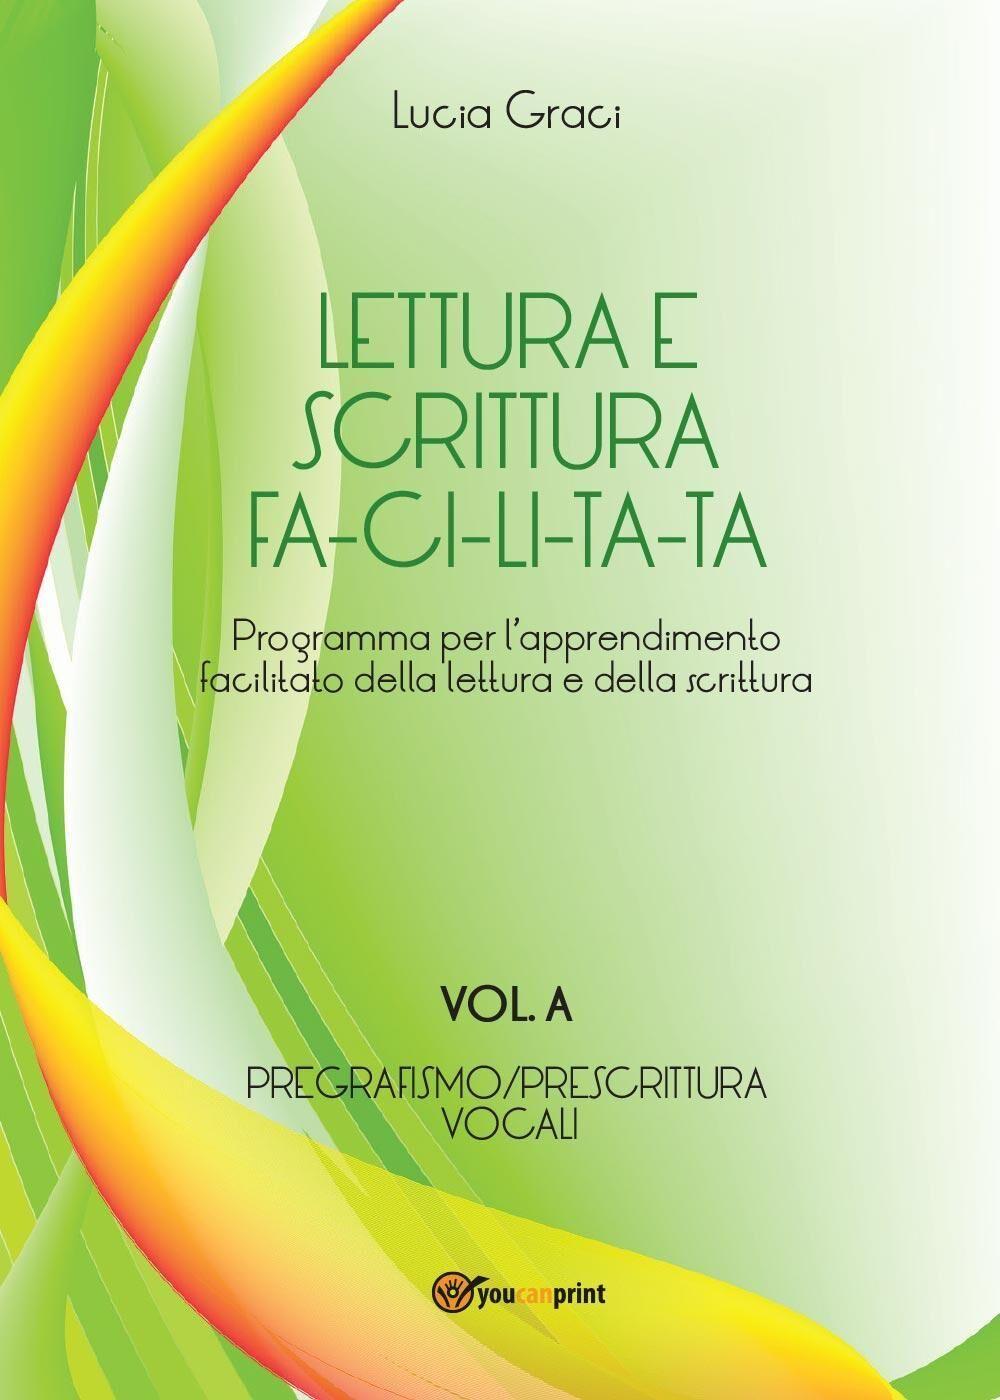 Lettura e scrittura facilitata. Vol. A: Pregrafismo/Prescrittura. Voc ali